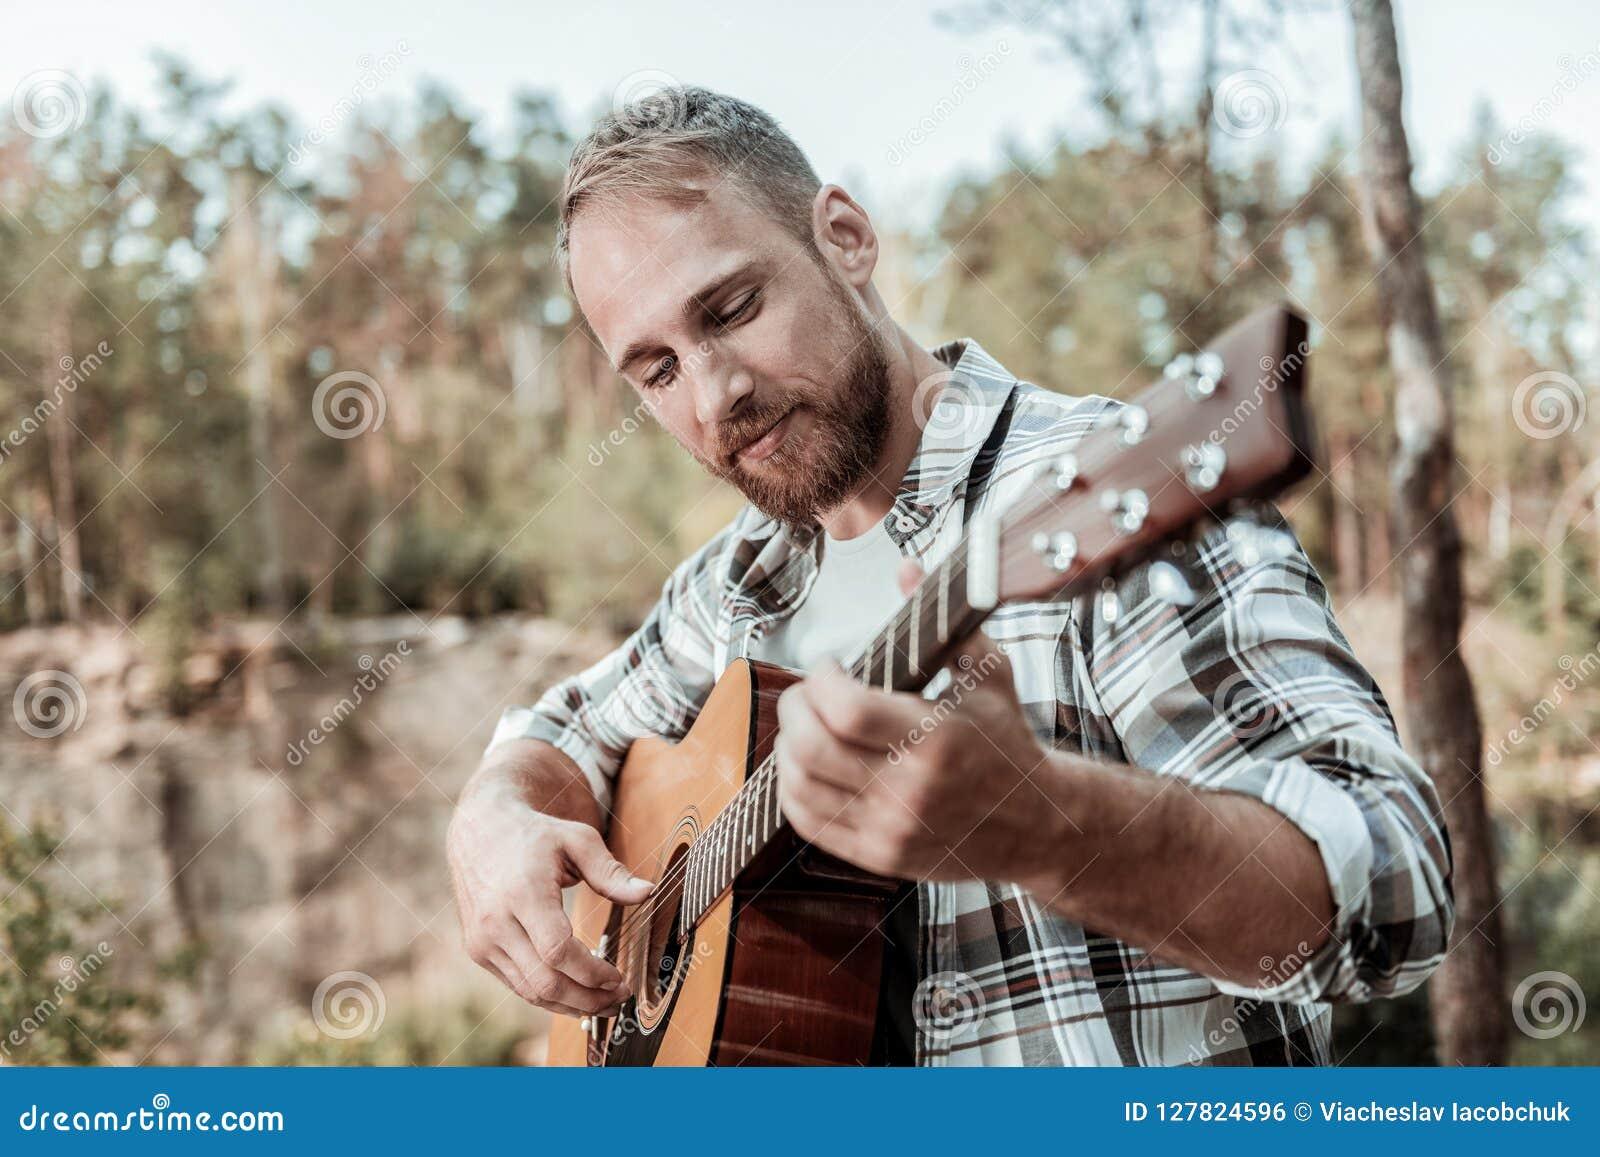 Закройте вверх счастливого красивого бородатого человека играя гитару сидя около гор